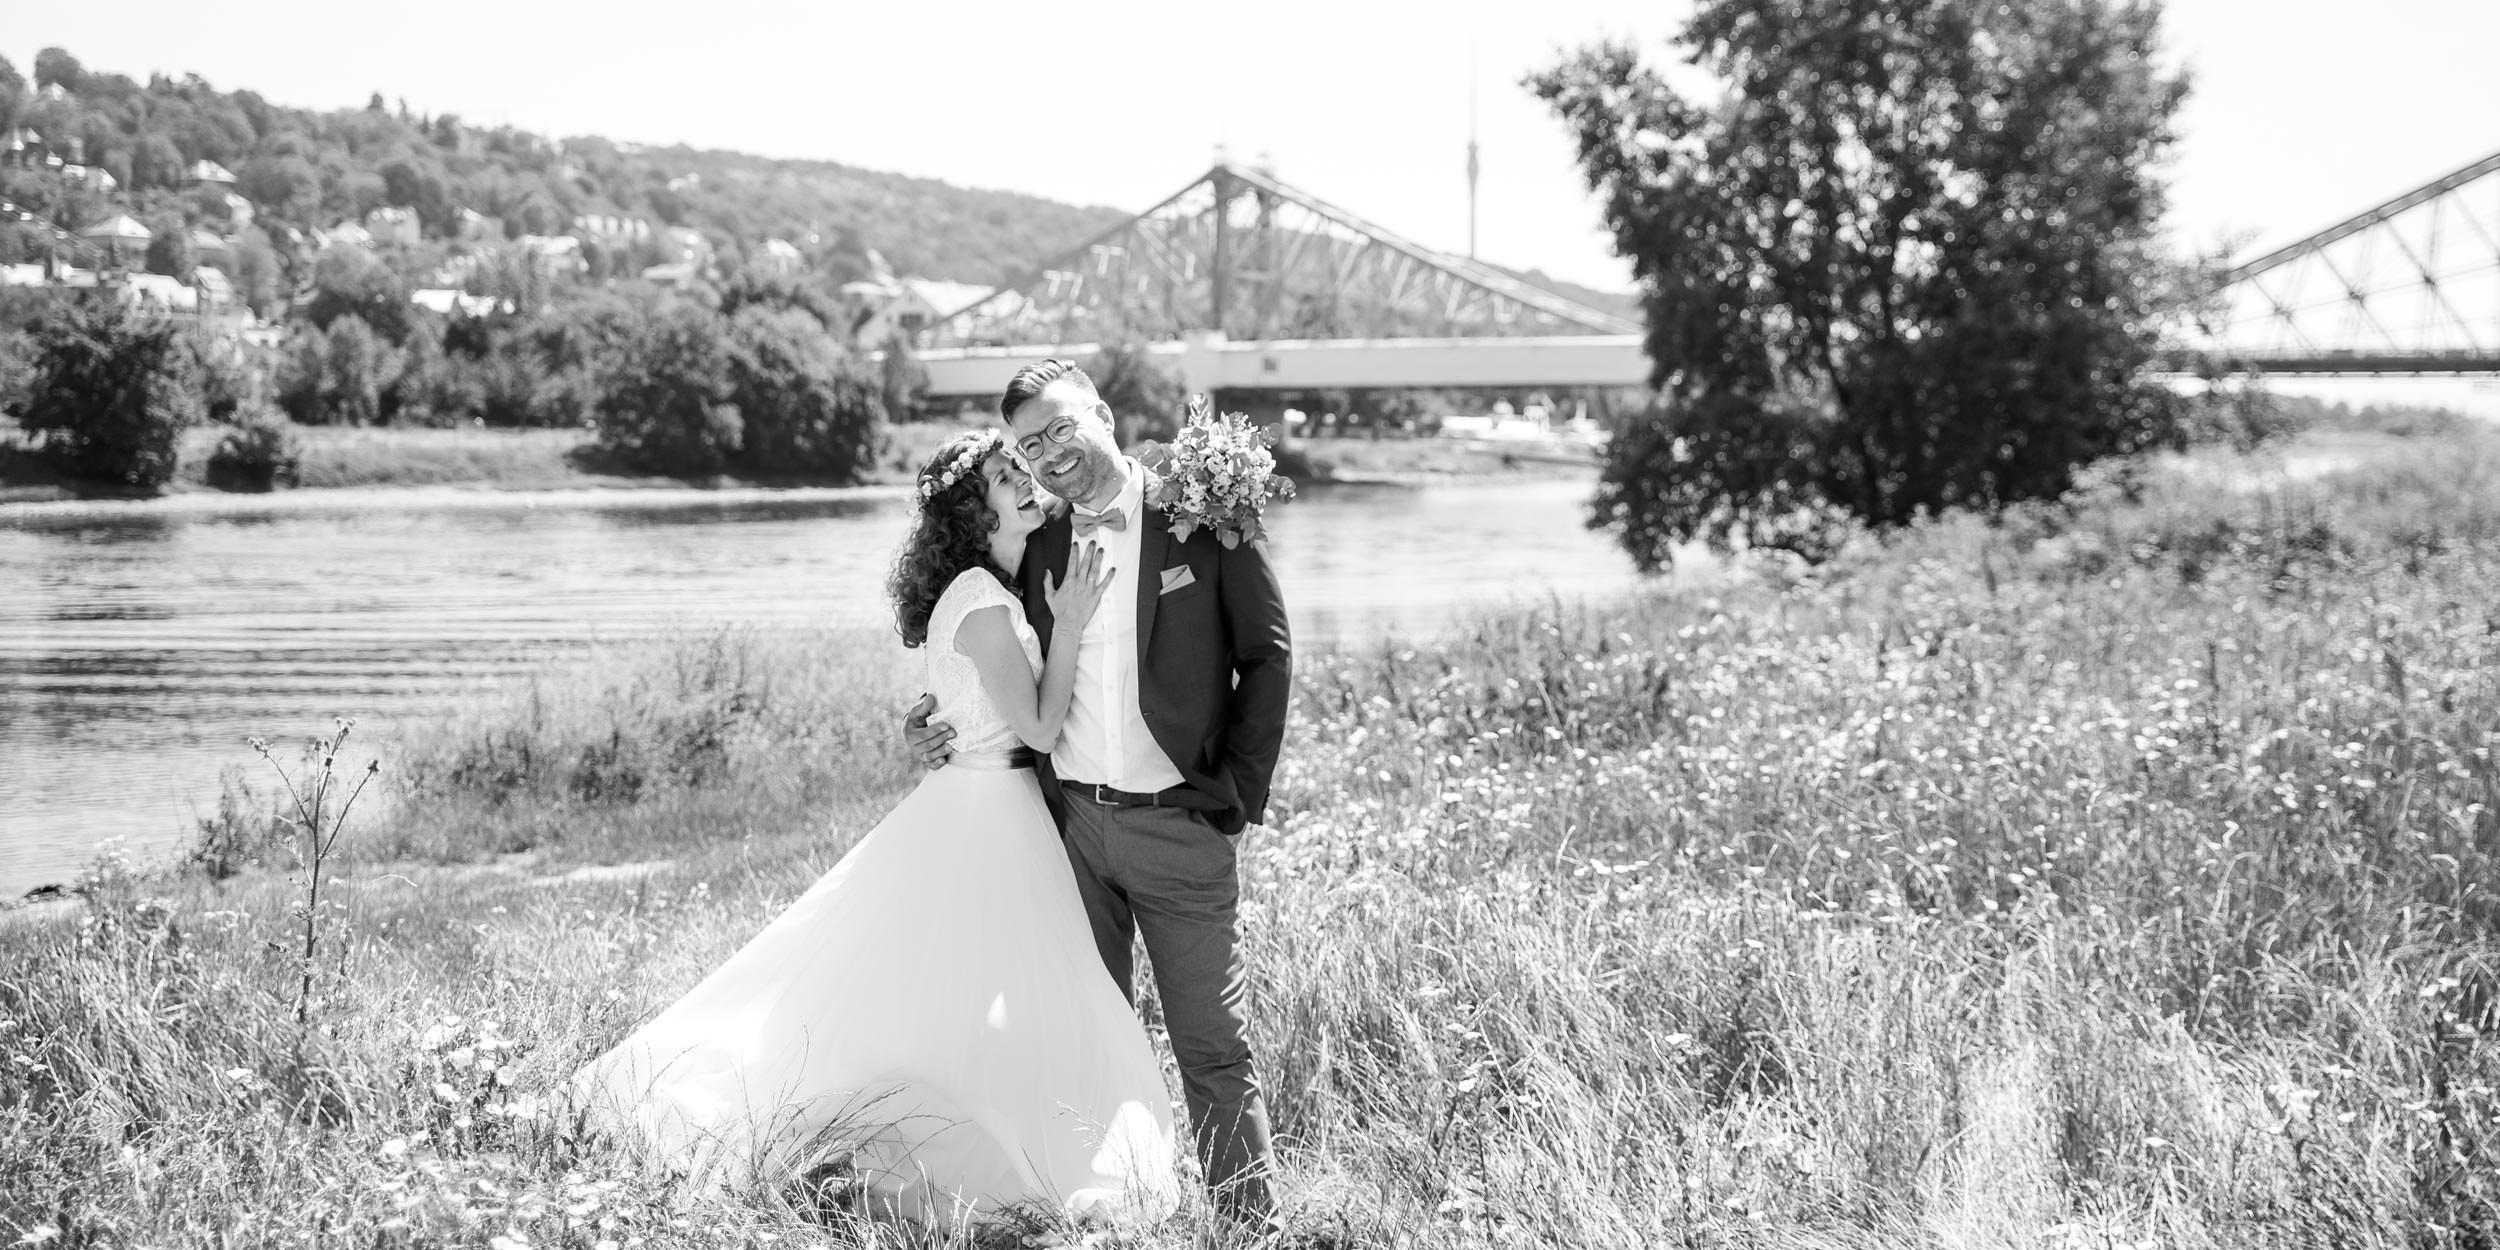 Brautpaar Blaues Wunder Blasewitz Elbe Hochzeitsfotos Hochzeitsfotograf Dresden Pirna Laloriel 2019